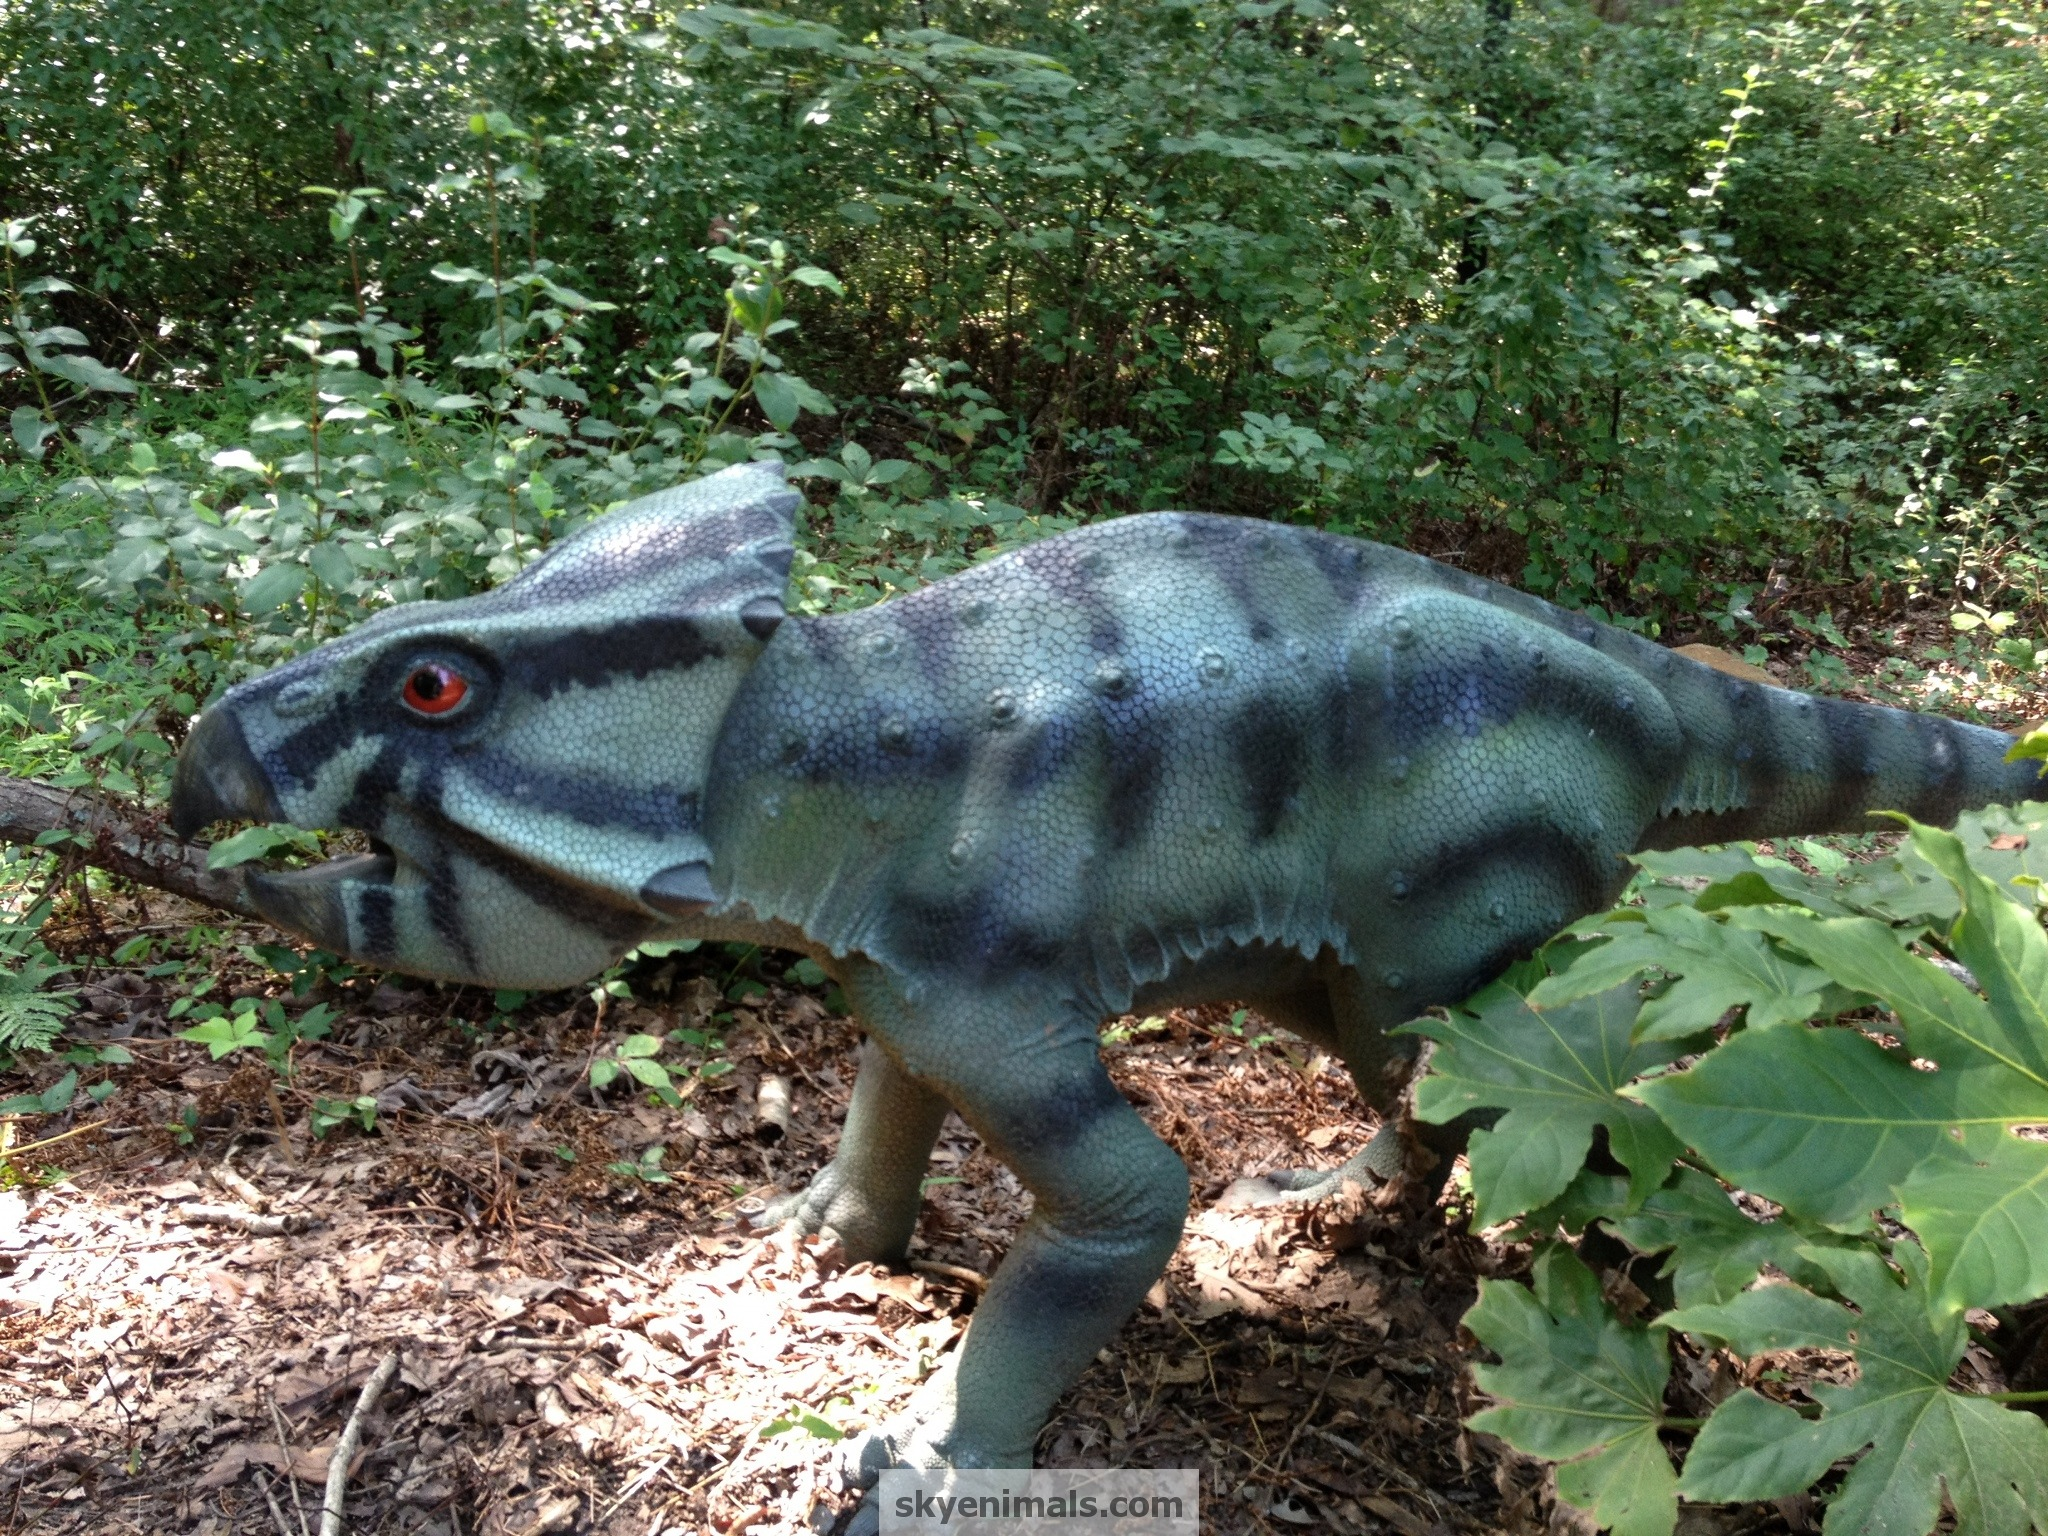 wallpaper leptoceratops images